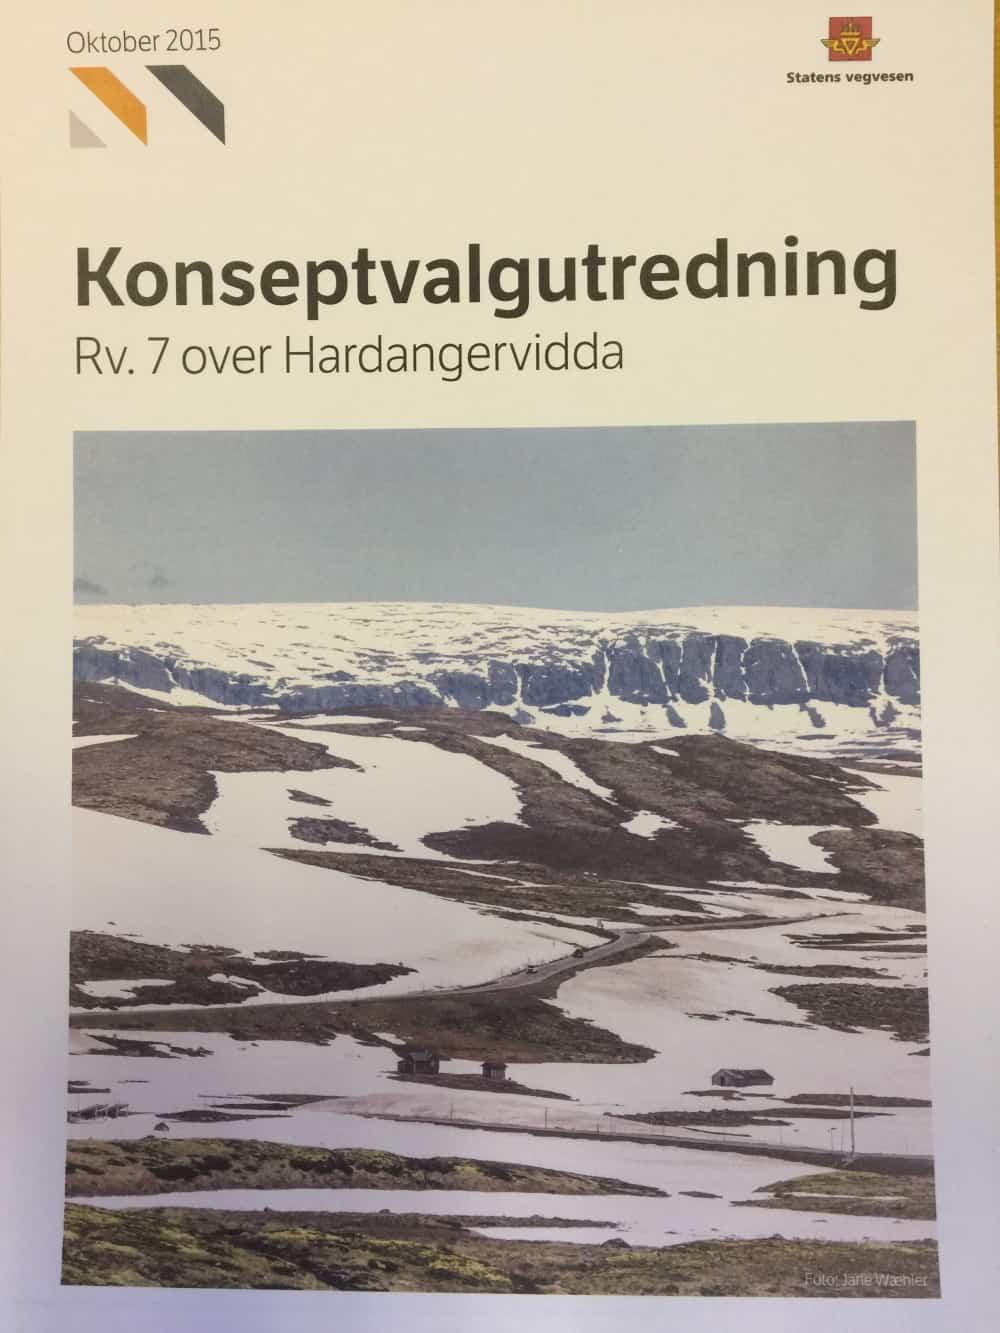 KVU rv. 7 Hardangervidda – Ny Høyring – Informasjonsmøte